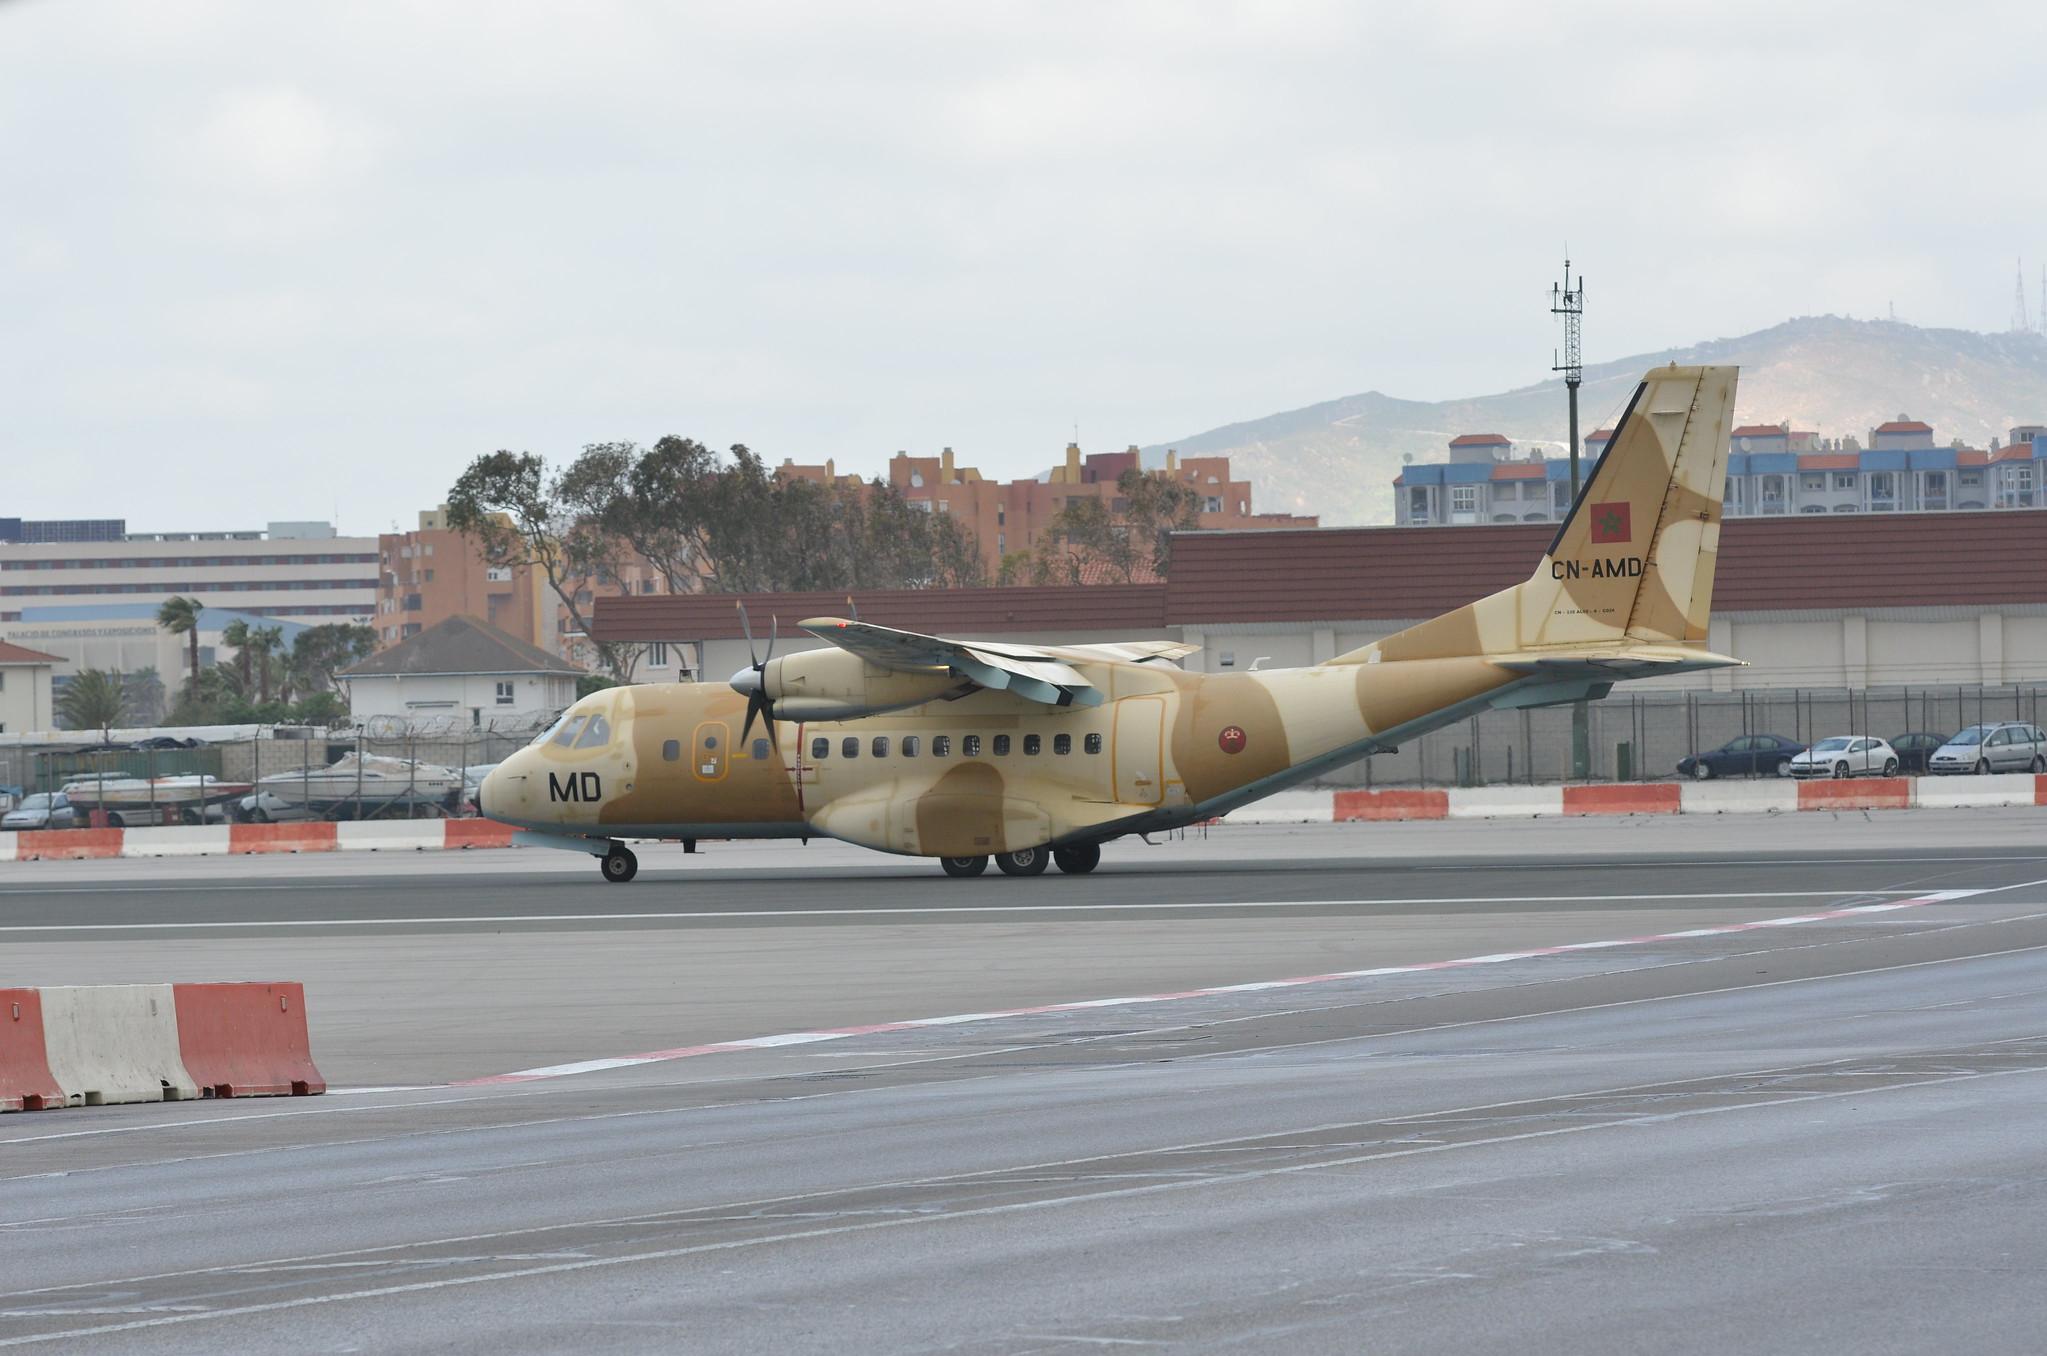 طائرات النقل العاملة بالقوات المسلحة المغربية 13060104033_1598f6eeb8_k